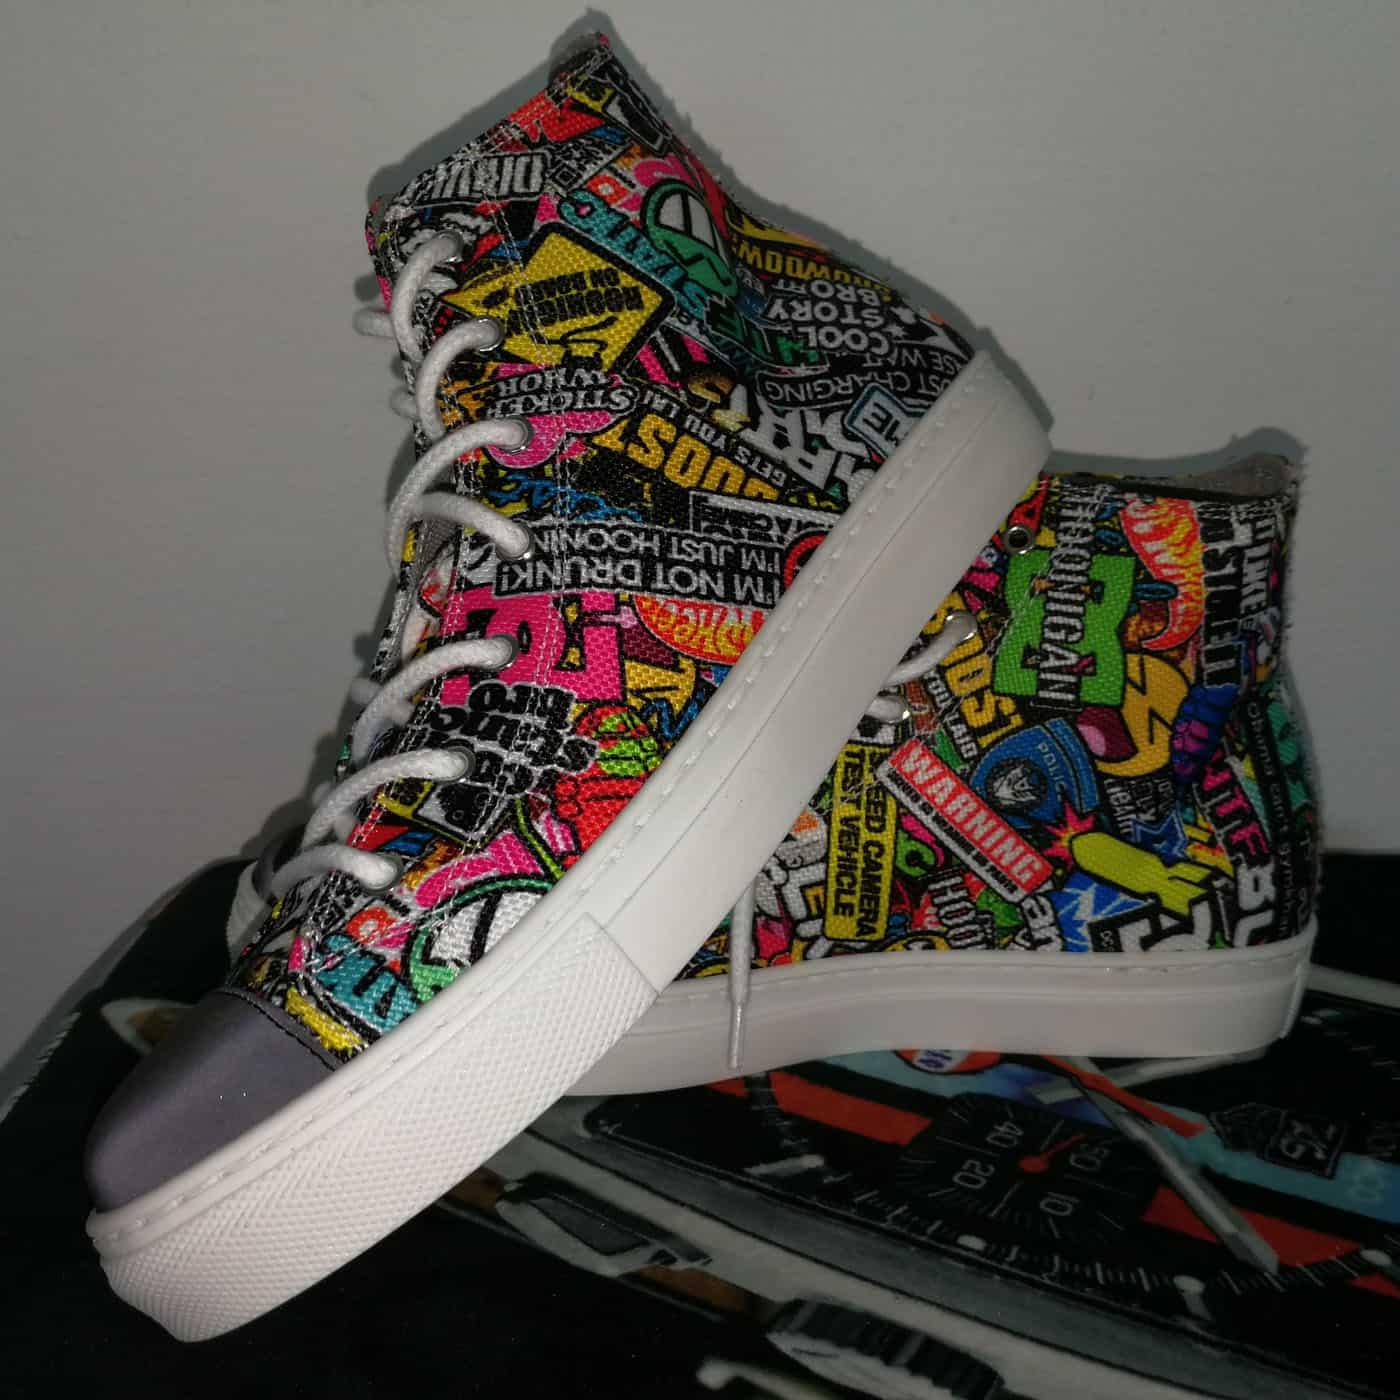 Sneakers bedruckt